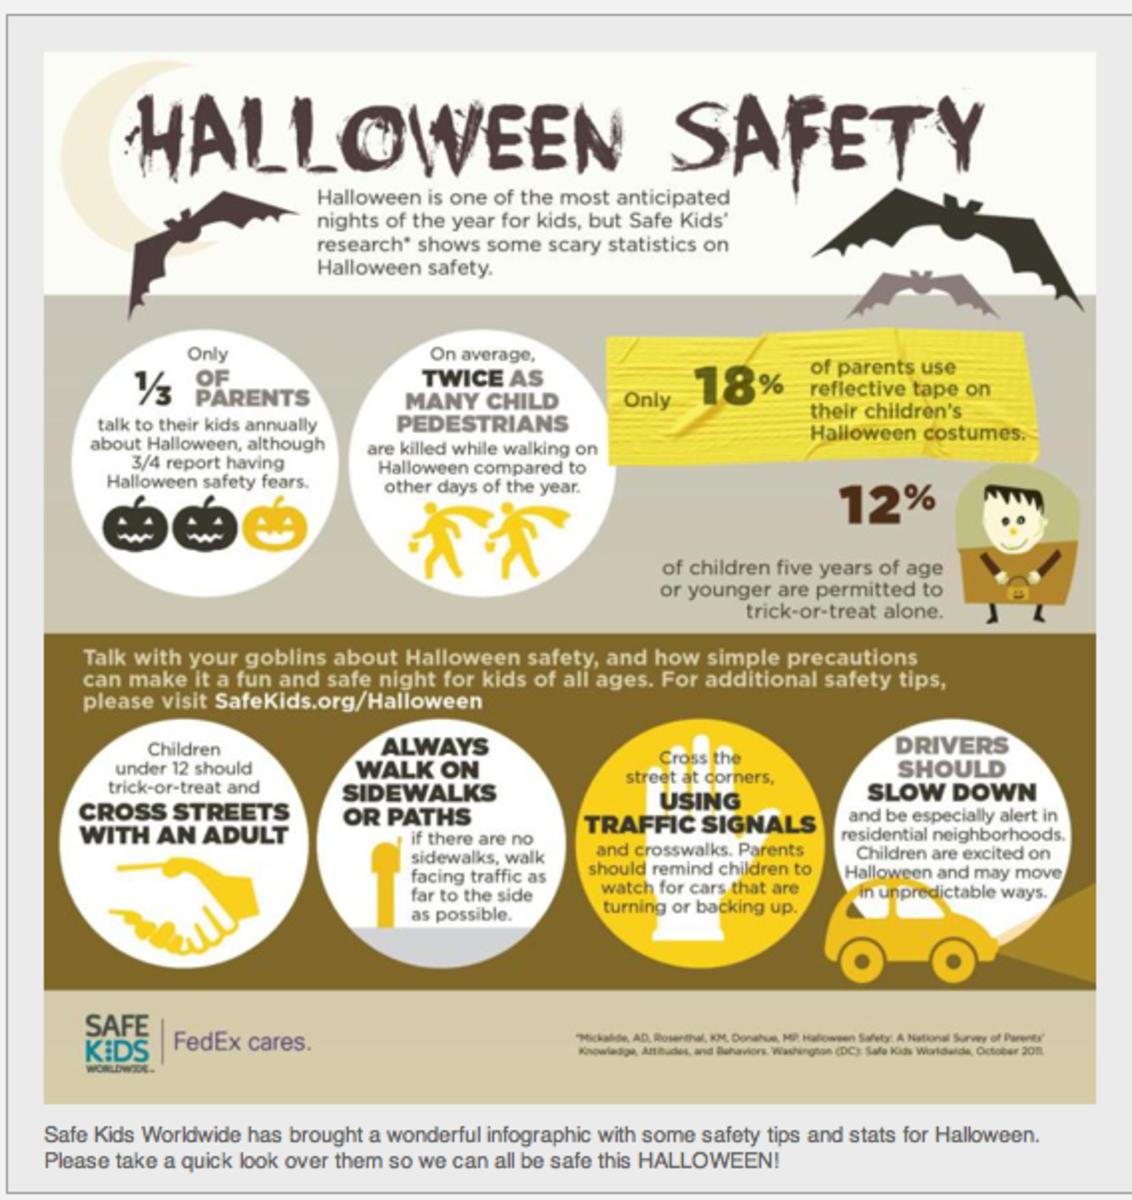 halloween safety, safe kids worldwide,